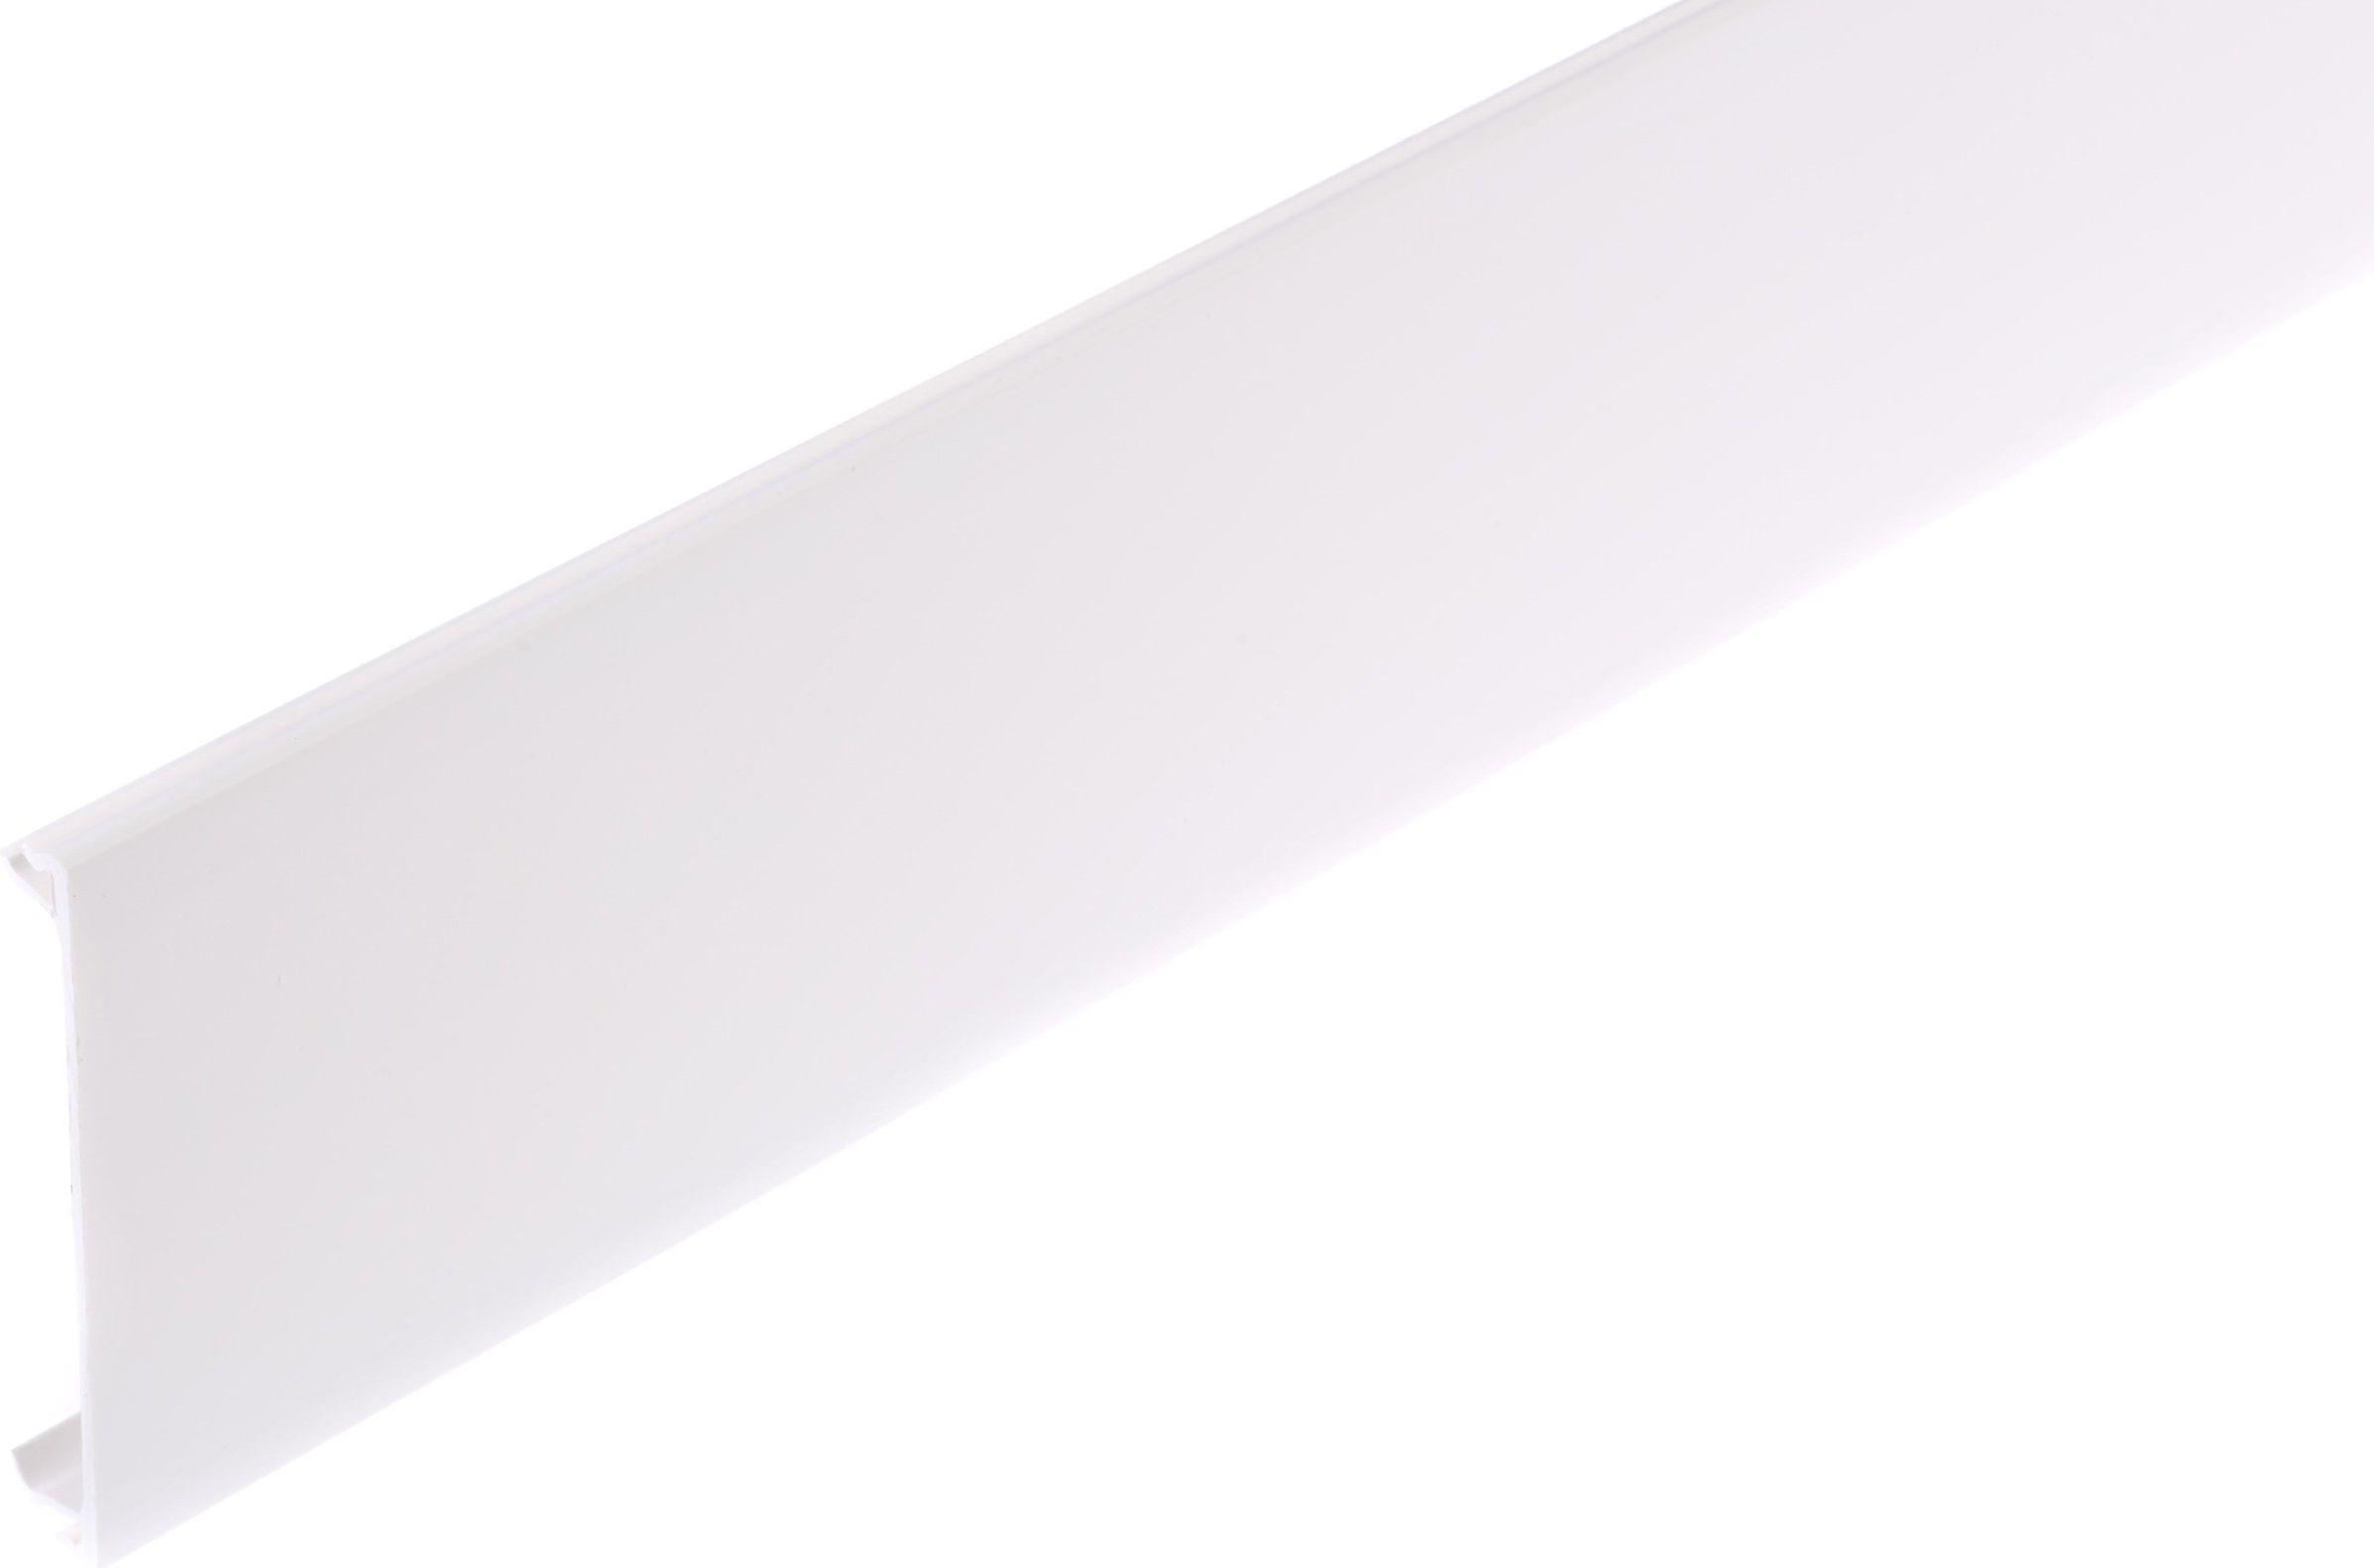 Legrand Pokrywa do kanalu szerokosc 80mm (330256) 330256